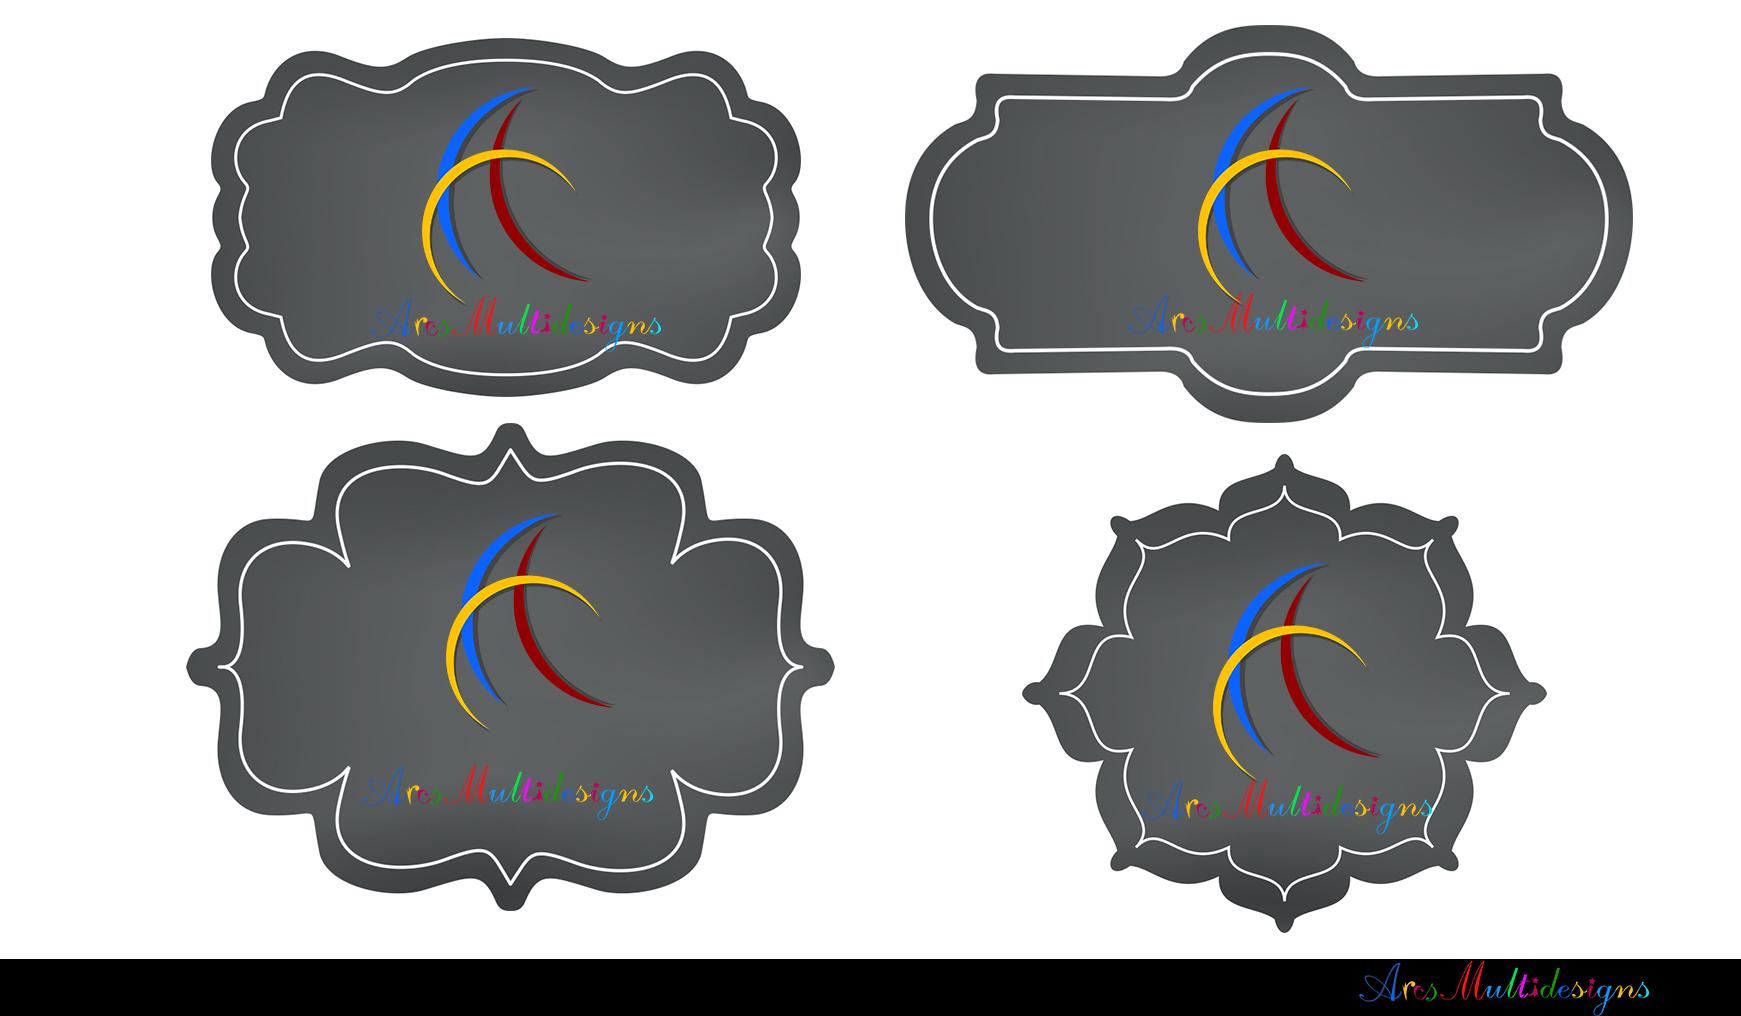 Label clipart bundle / digital label clipart bundle / frames bundle / high quality frames / digital frames clip art / label clipart example image 11